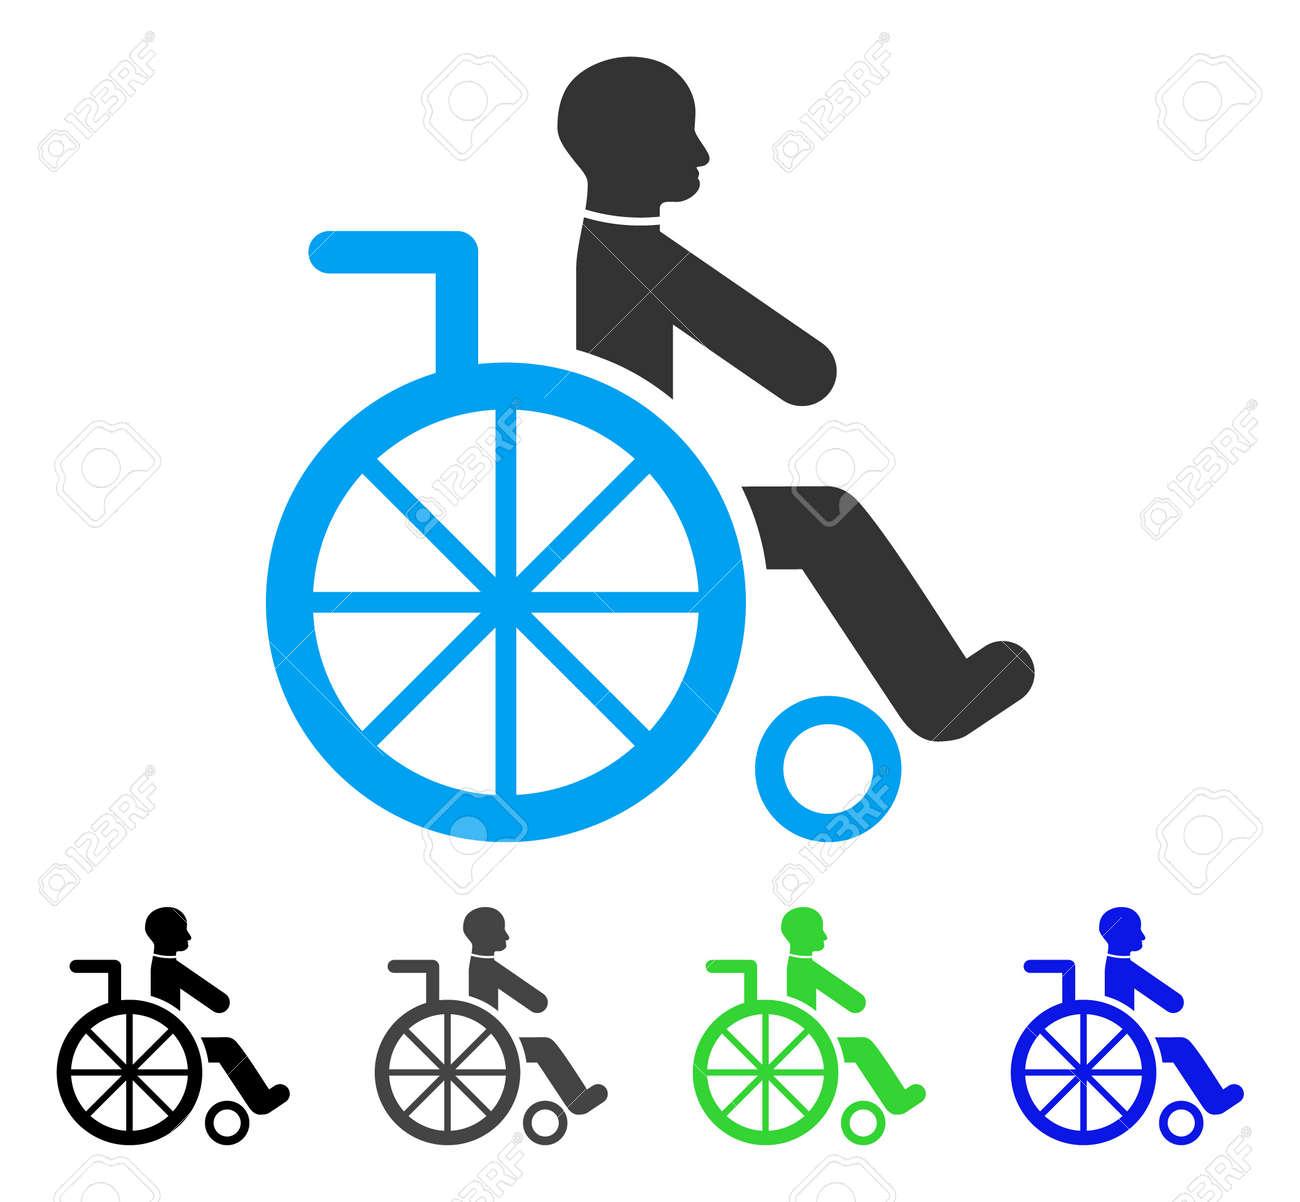 Rollstuhl Wohnung Vektor Illustration. Farbiger Rollstuhl Grau, Schwarz,  Blau, Grün